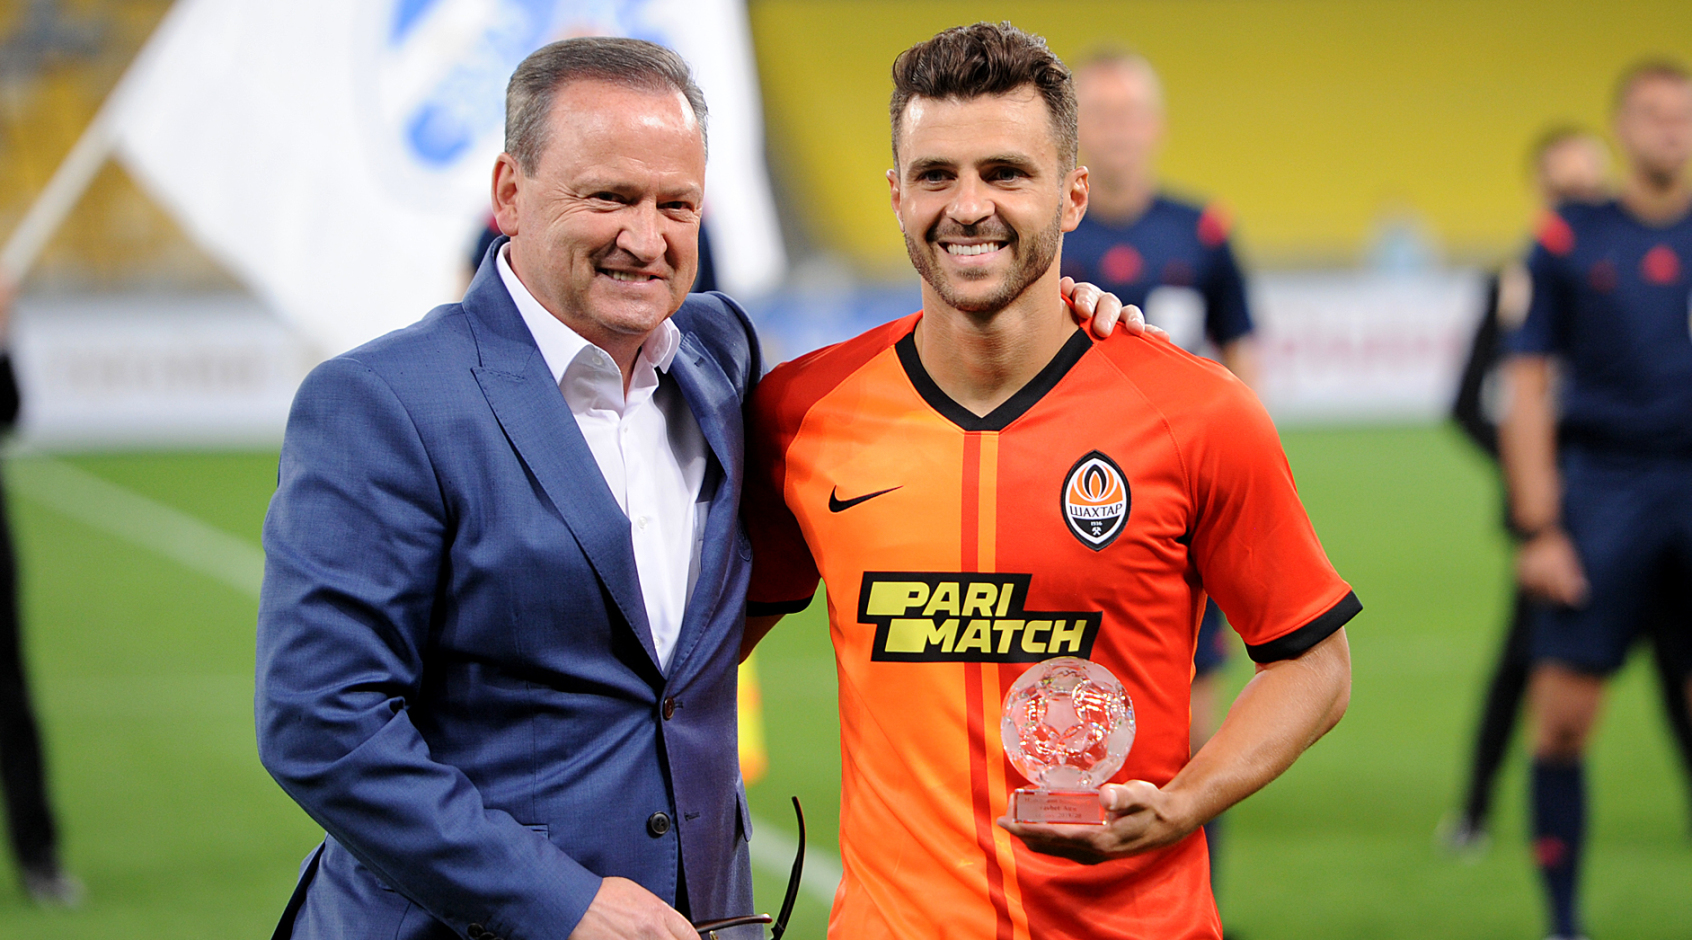 Жуниор Мораес получил награду лучшему бомбардиру Favbet лиги сезона 2019/2020